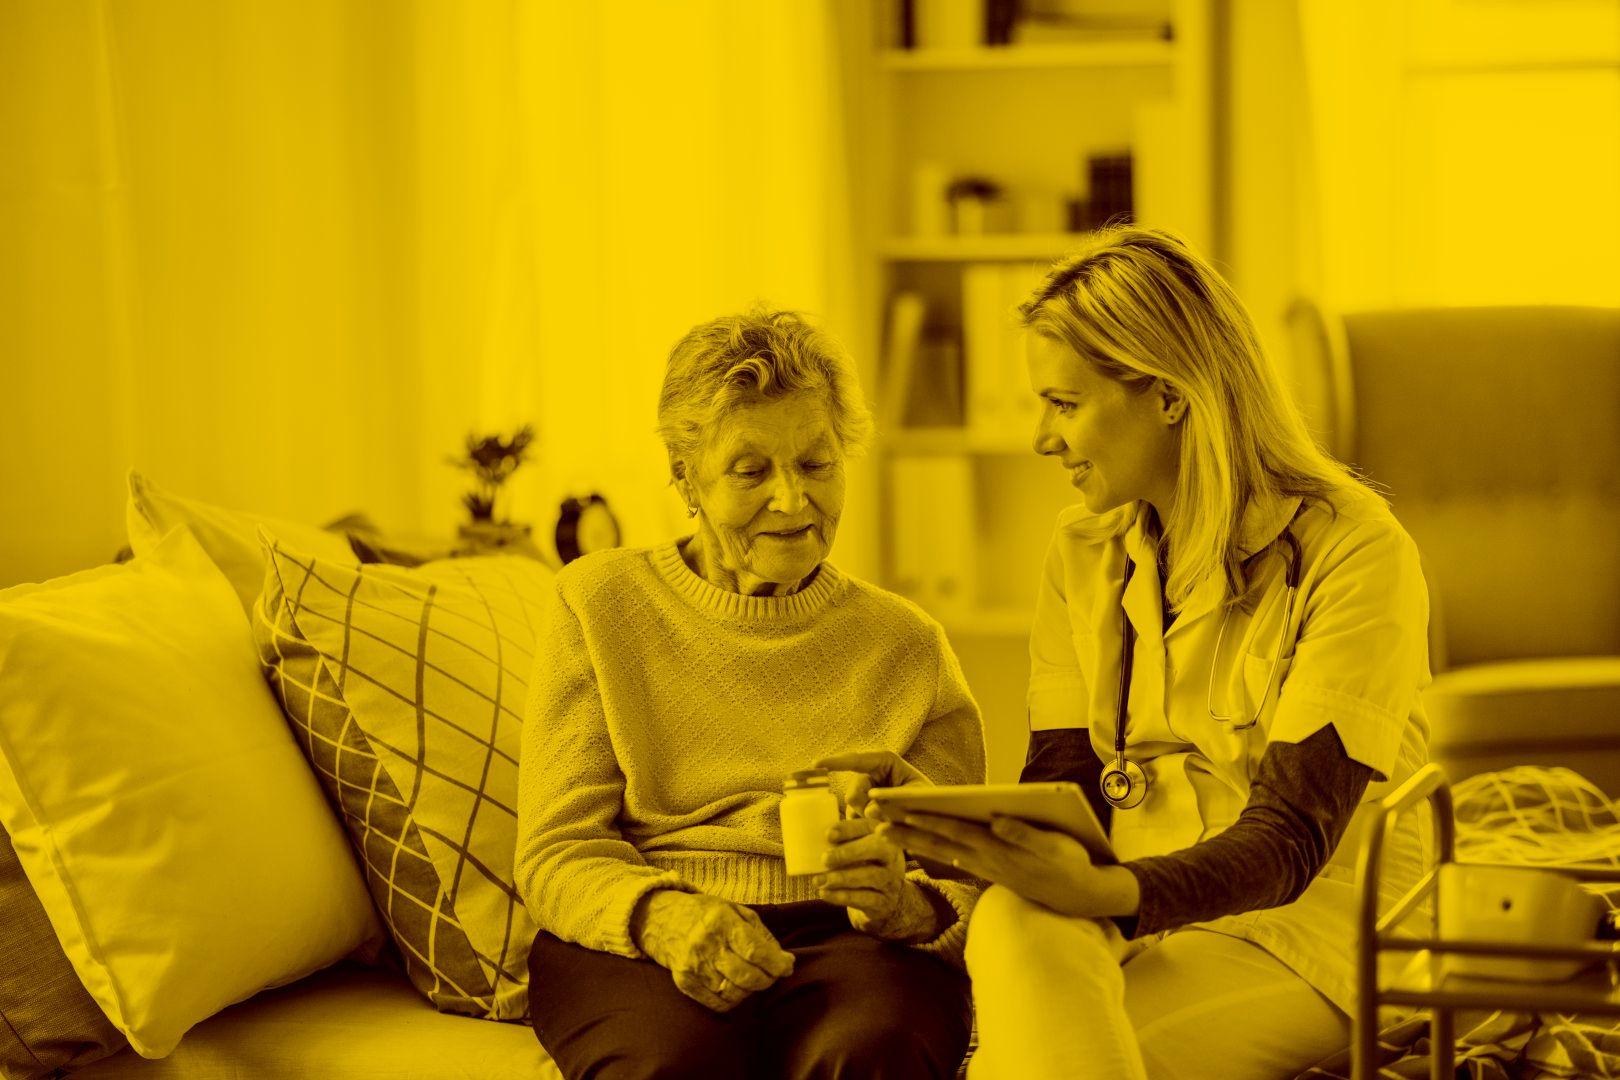 Ärztin betreut Seniorin mit Hilfe von Easysoft Pflegesoftware in der maja.cloud